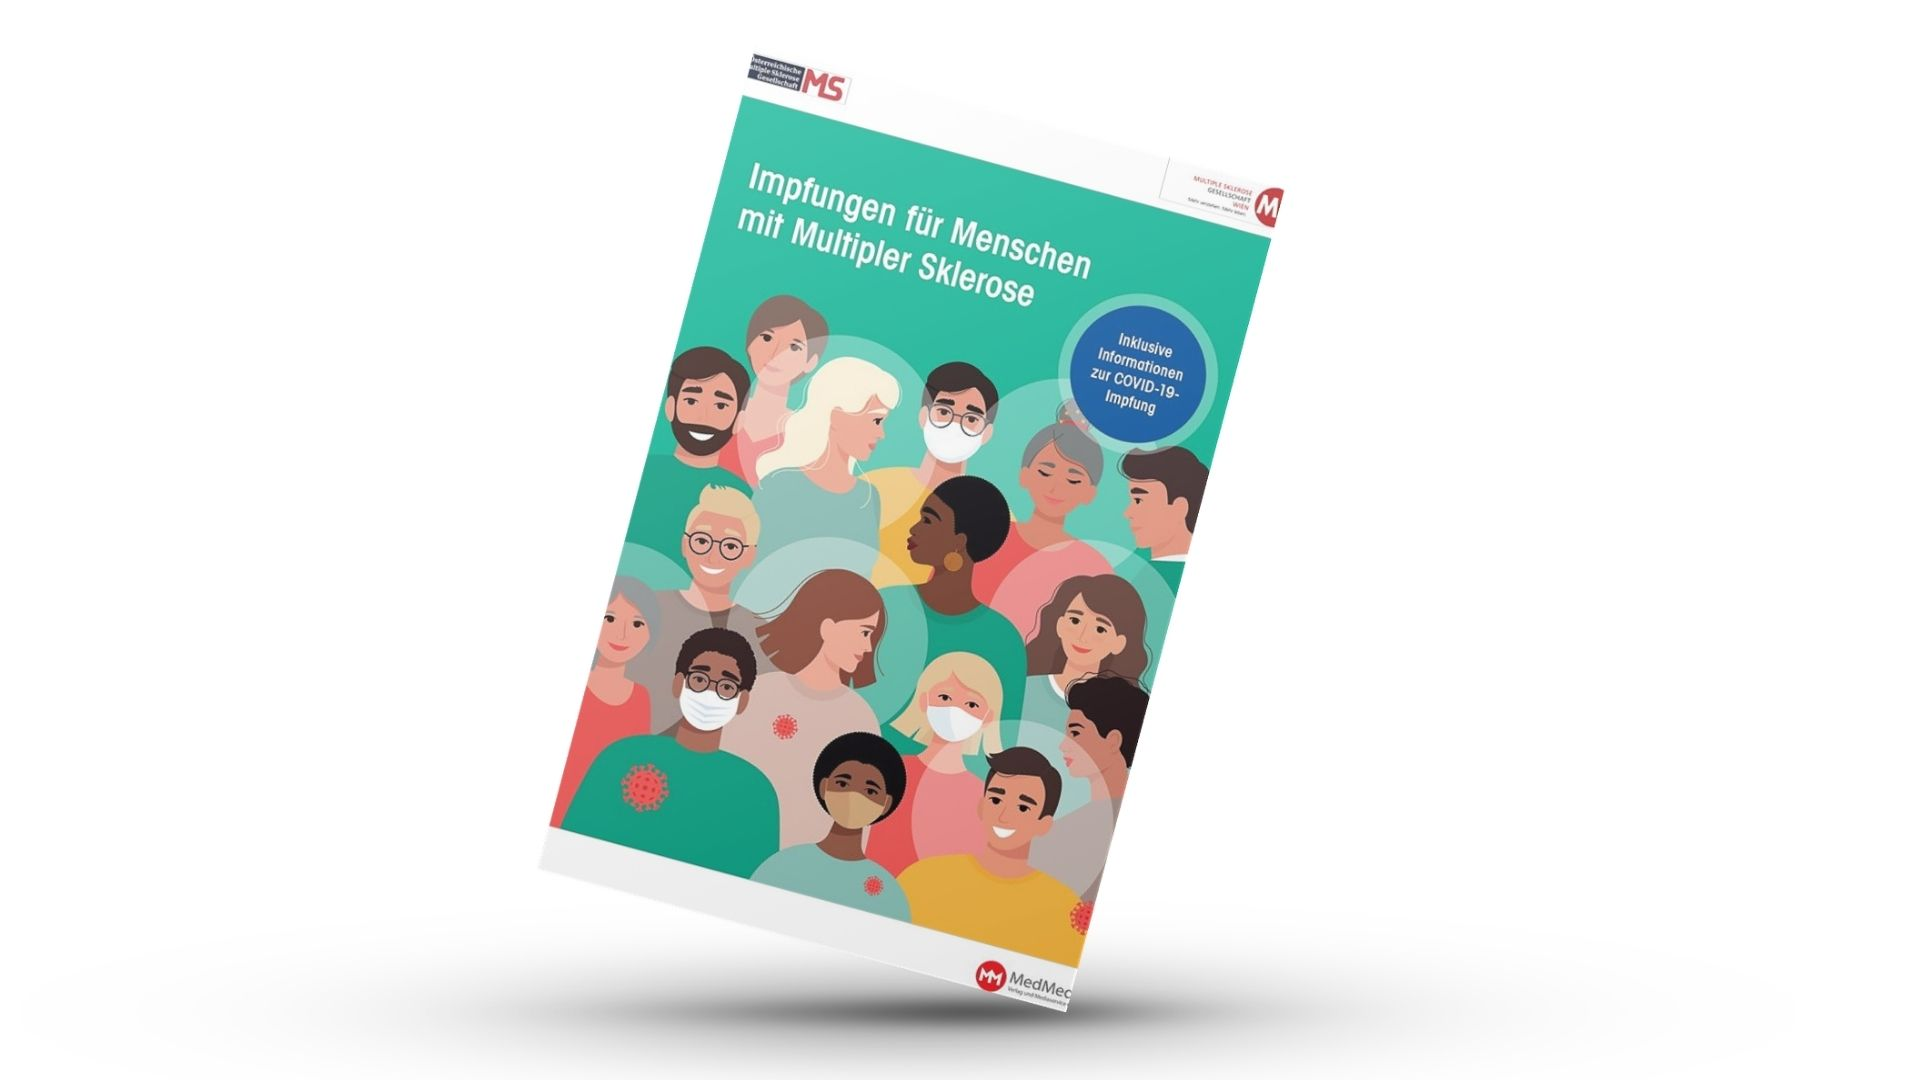 Broschüre Impfungen für Menschen mit Multipler Sklerose. Inklusive Informationen zur COVID-19-Impfung.